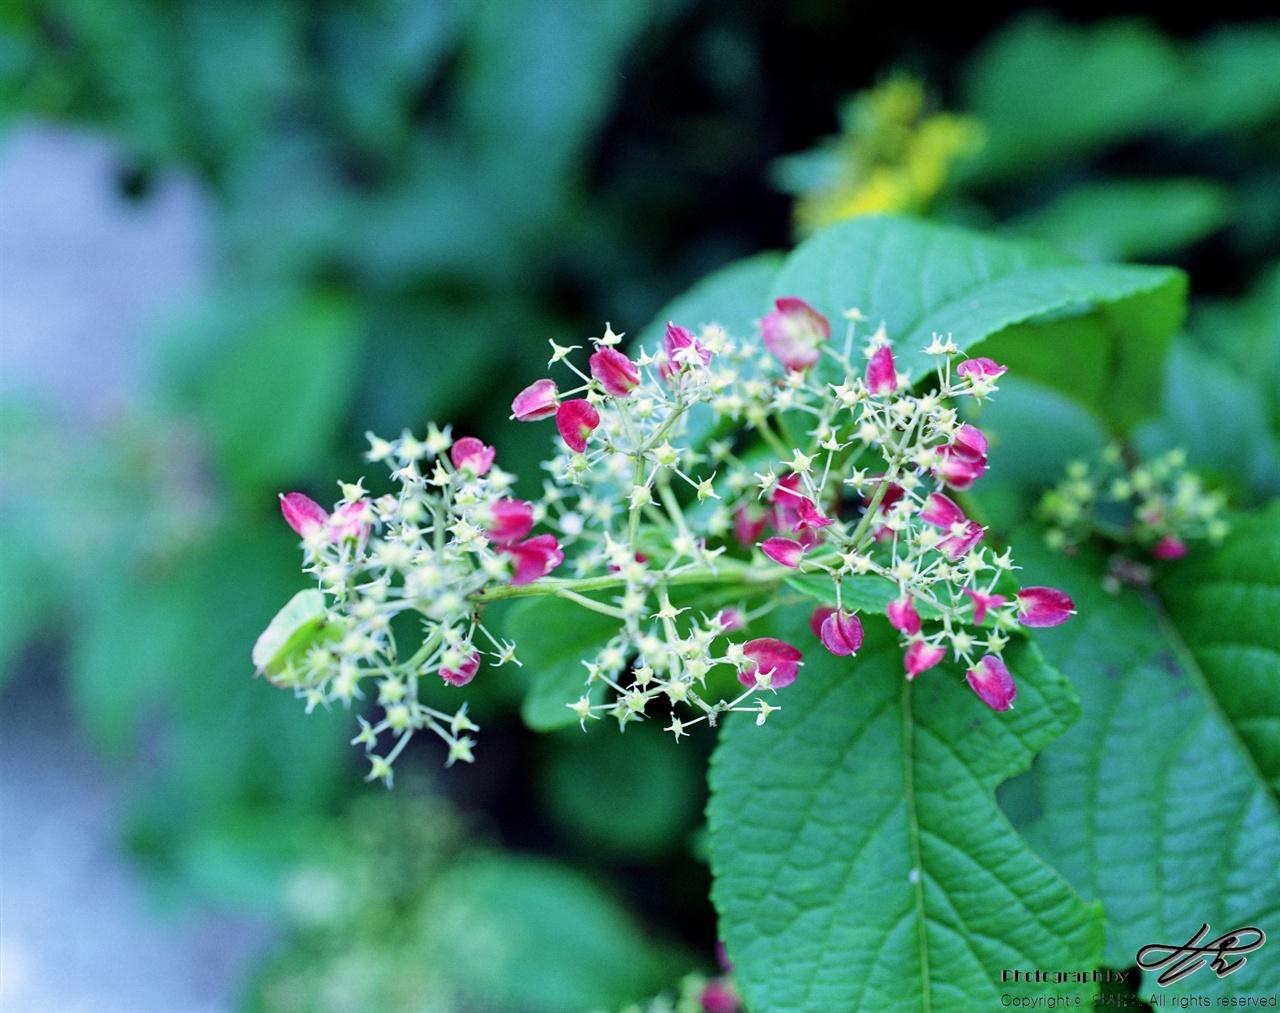 야생화(1) (67ii/Vevia50)꽃이 지면 잎이 다홍빛으로 물드는 신기한 식물을 만났다.